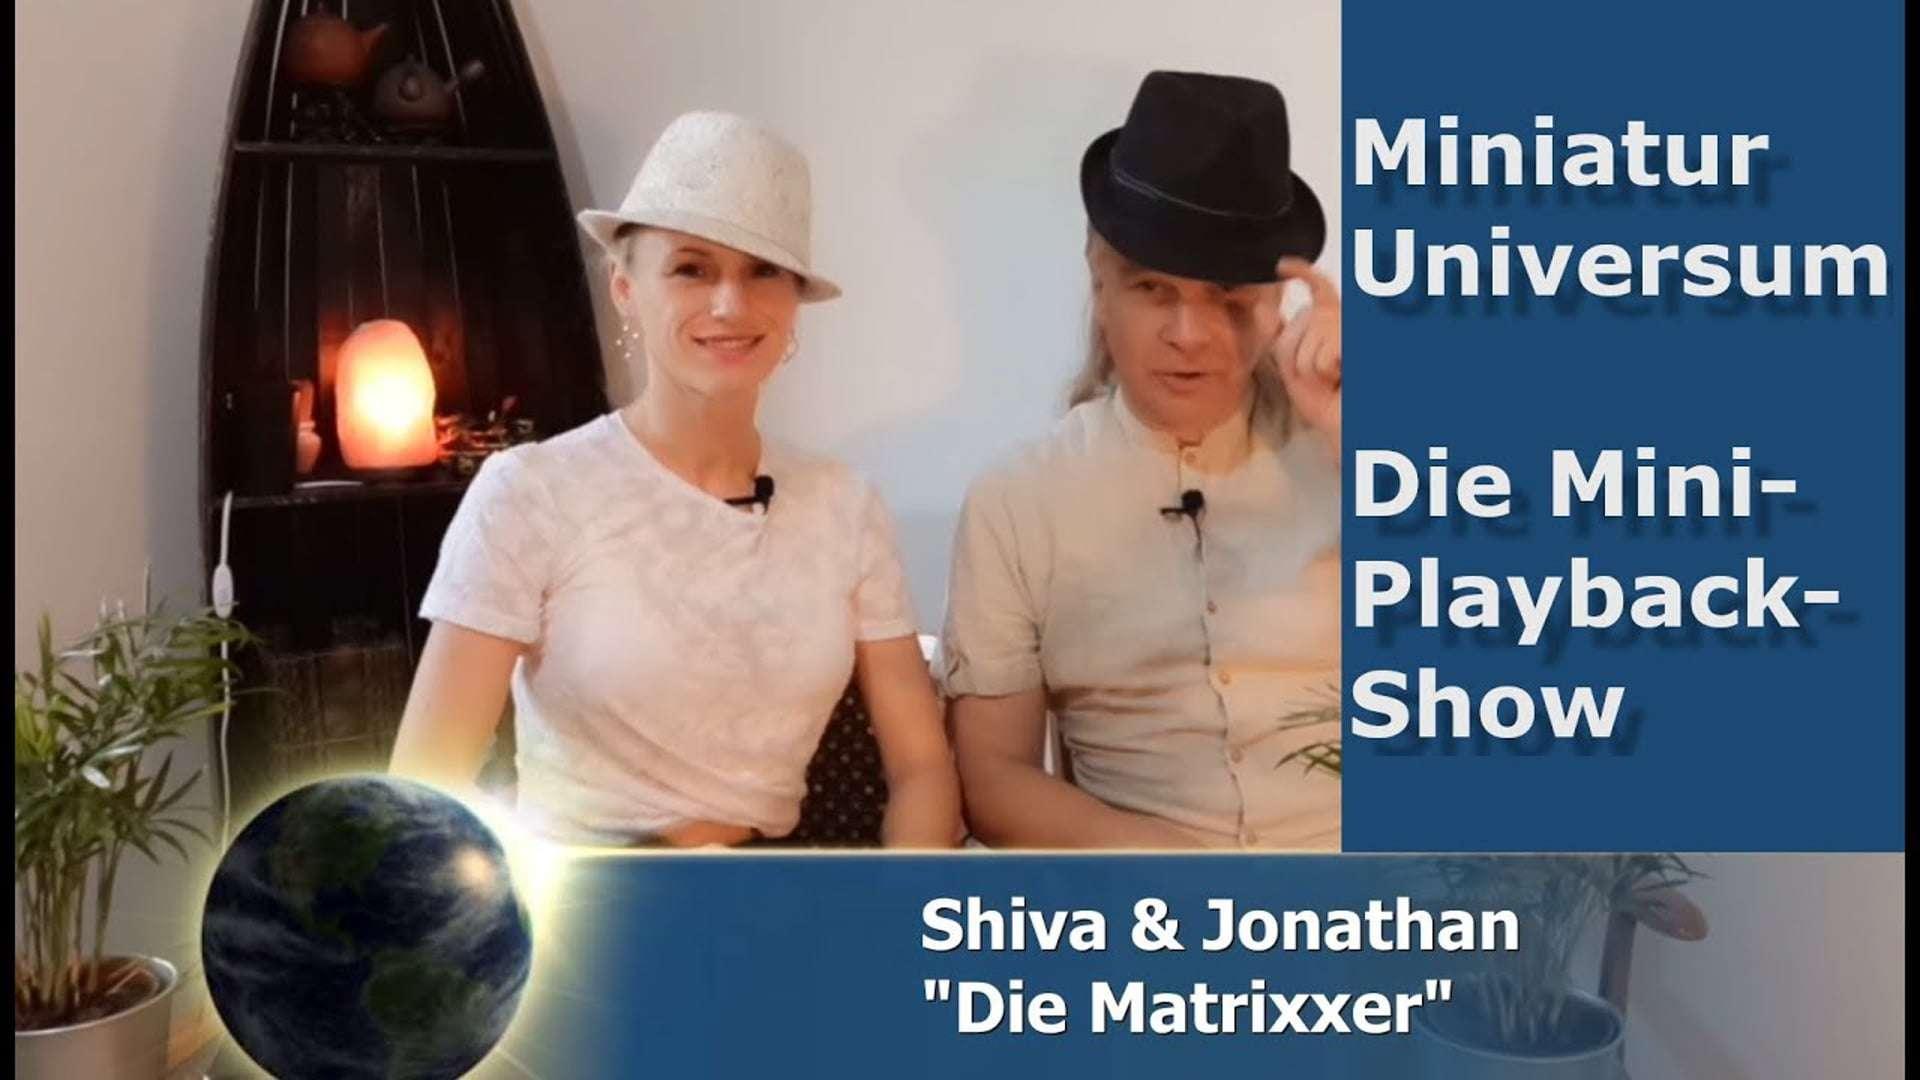 Matrix verlassen - Das Miniatur Universum – Wir leben in einem winzigen holographischen Universum